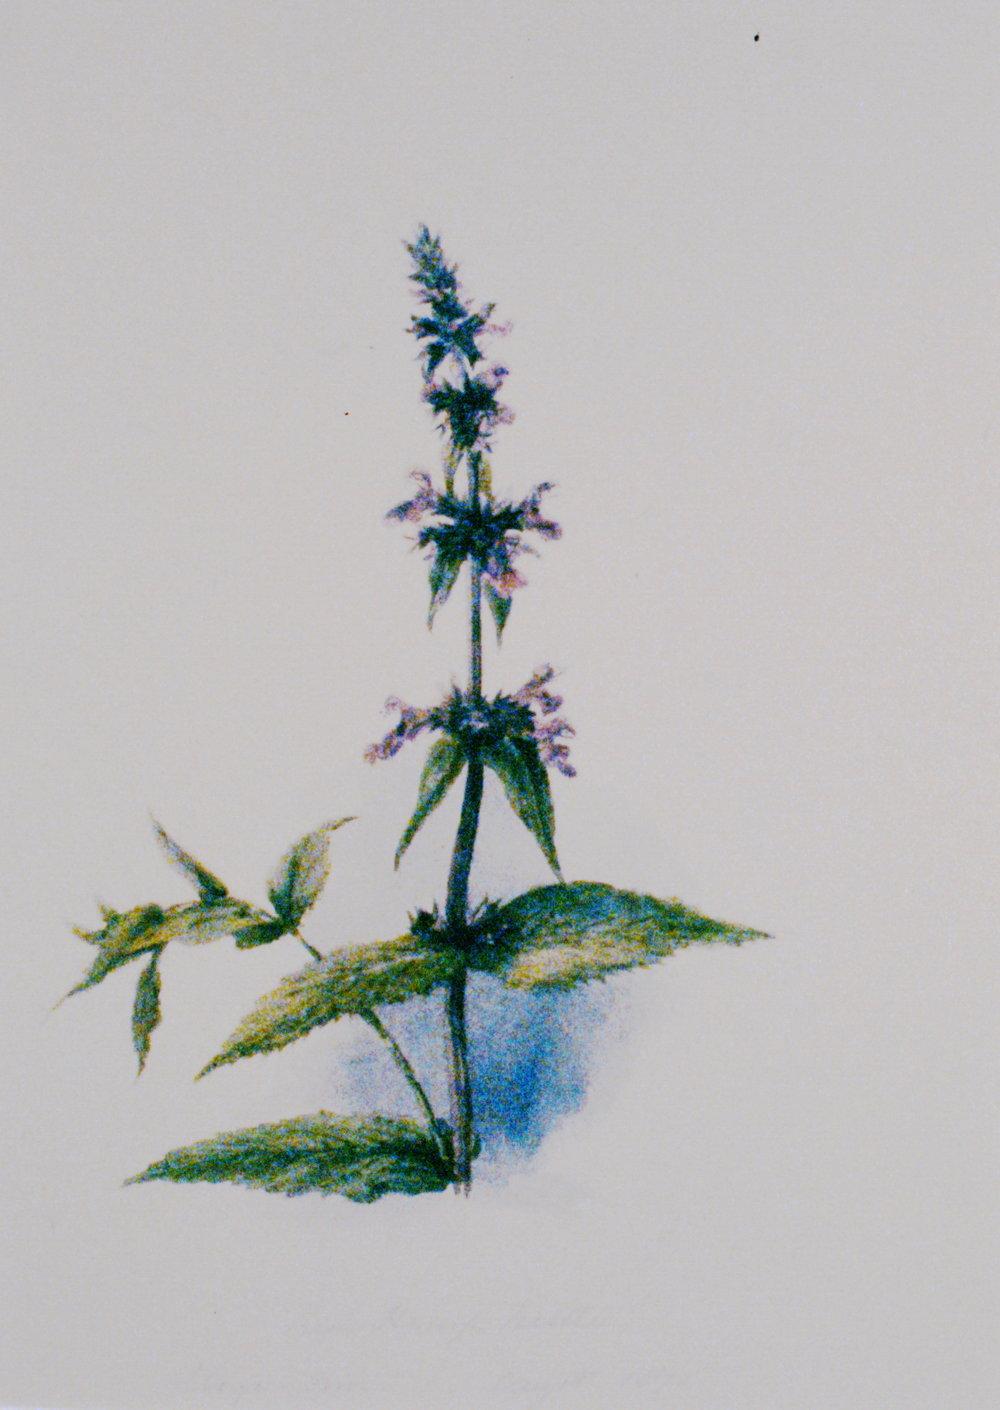 Red Hemp Nettle , 1871, Julia Bullock-Webster, watercolour on paper, 27.1 x 18.9 cm, 1983.02.29. Gift of Mrs. Barbara Steel.